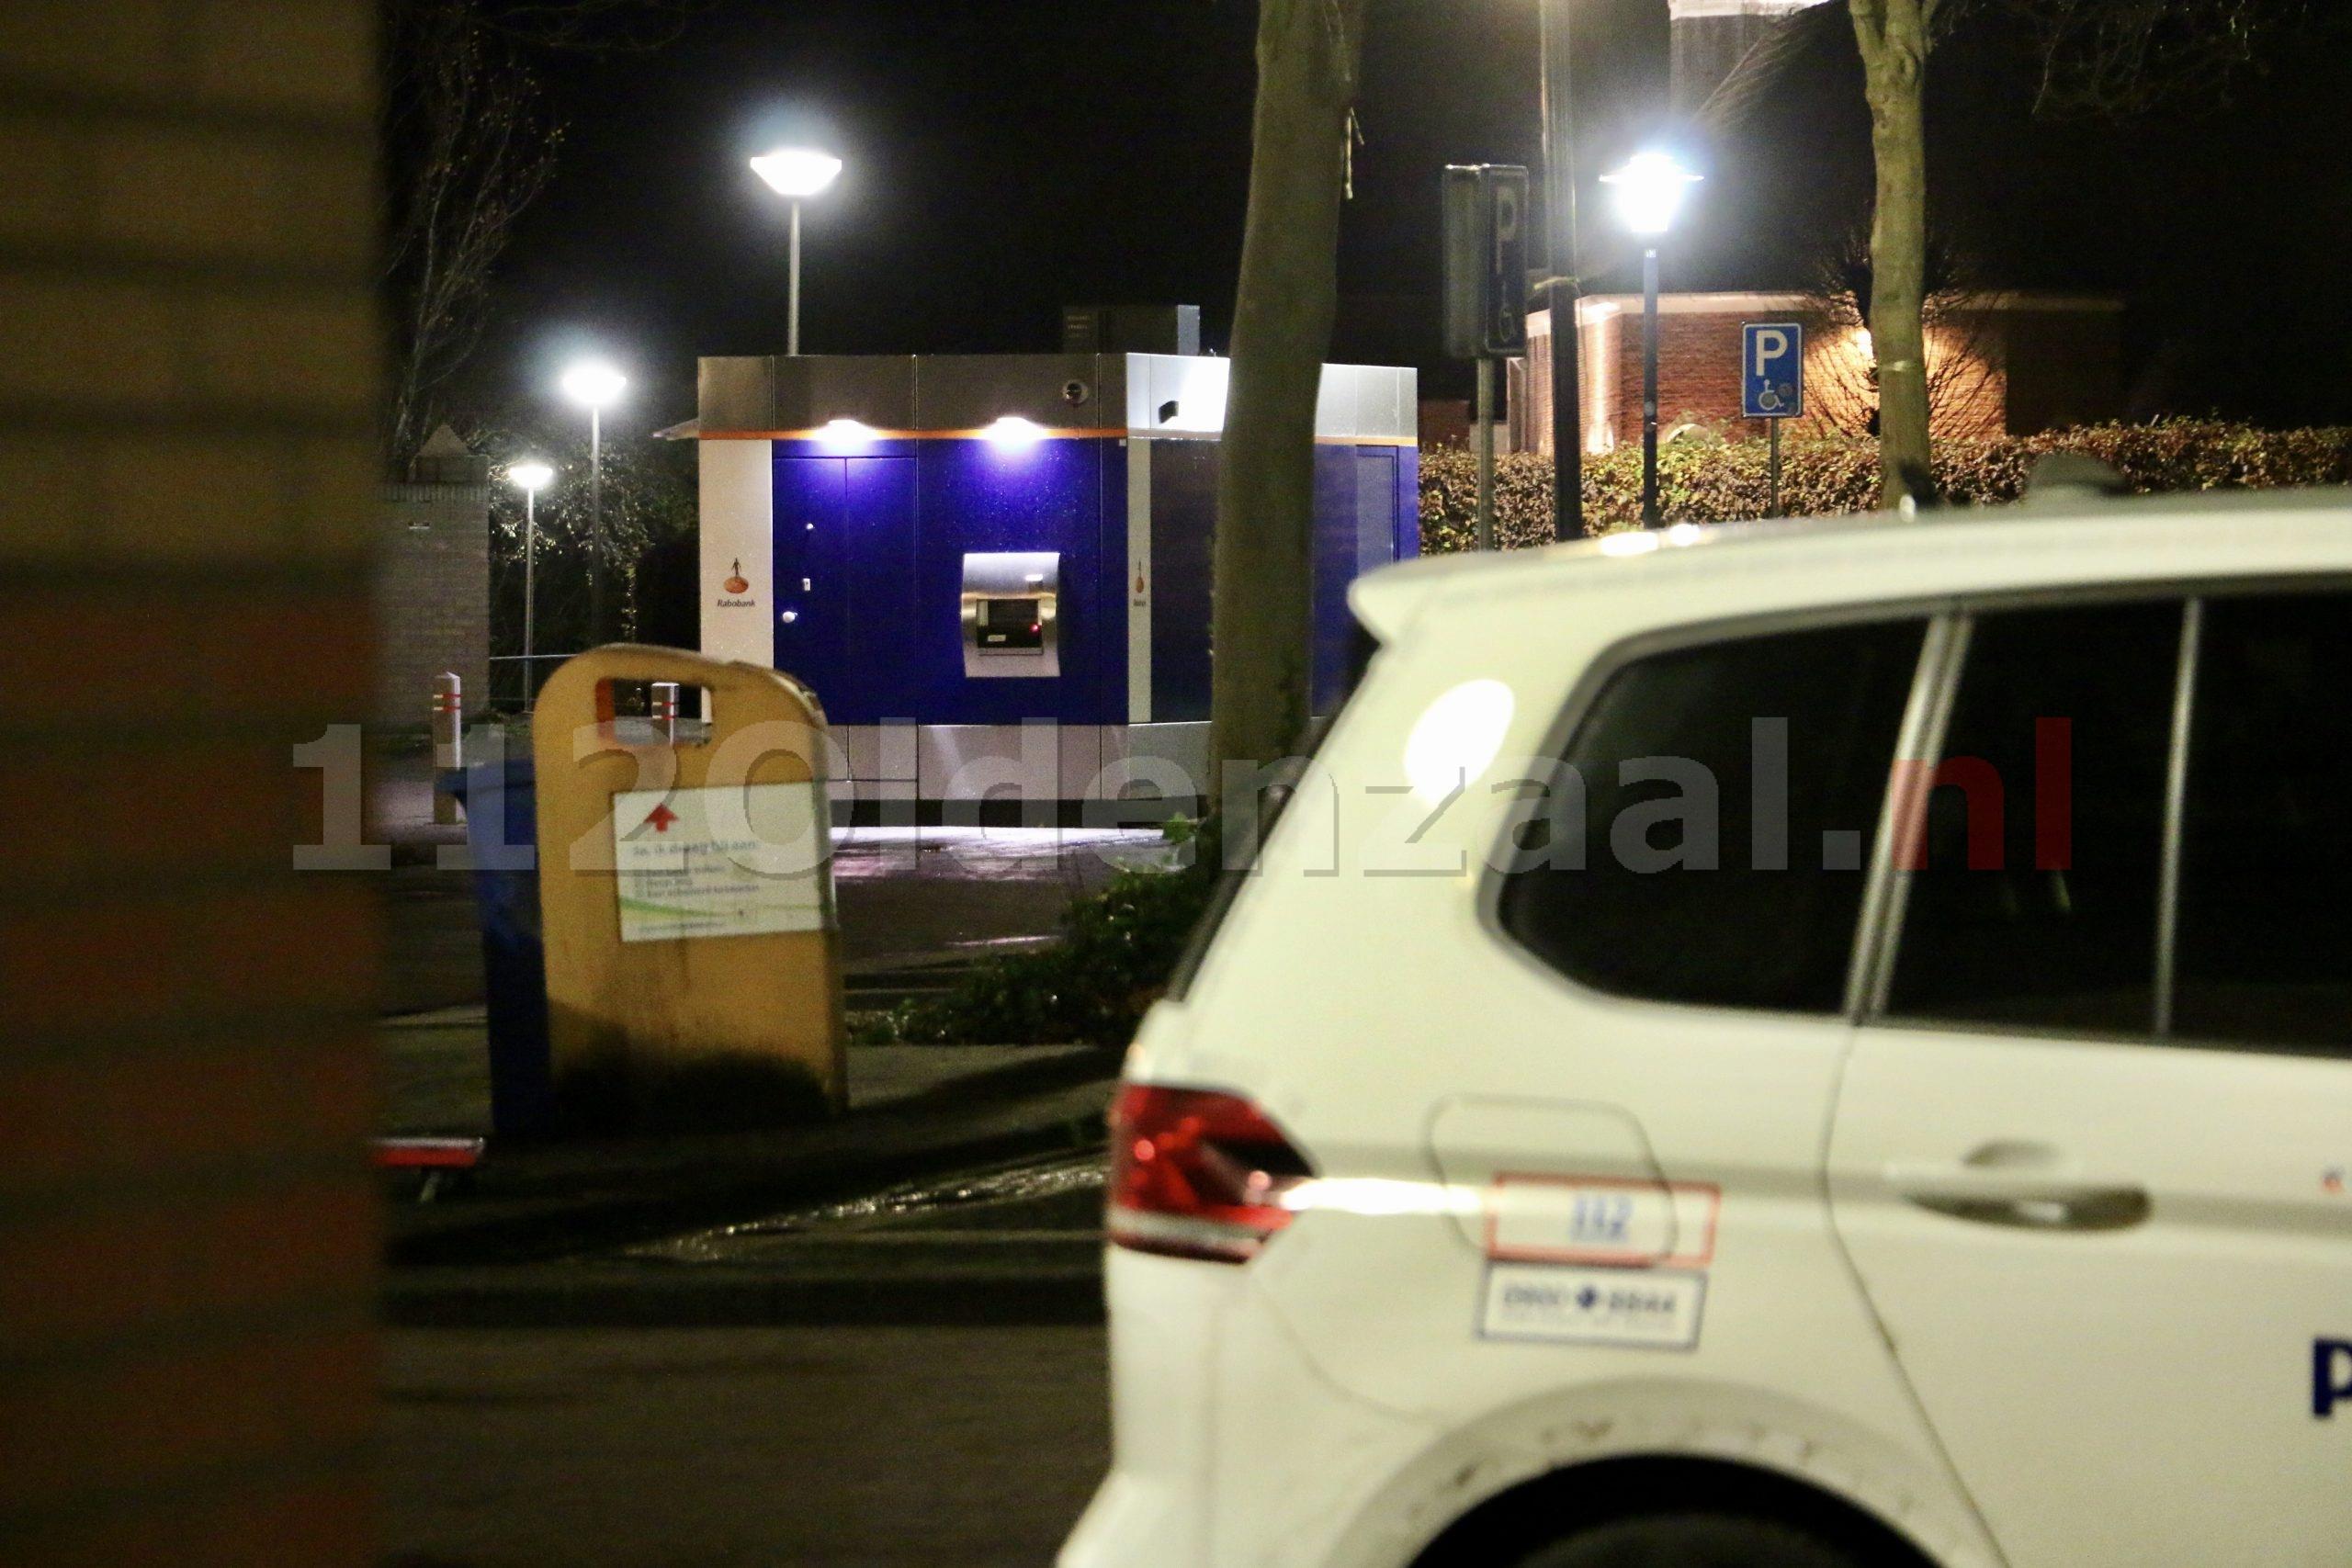 Geldautomaten vanaf nu 's nachts dicht om plofkraken te voorkomen